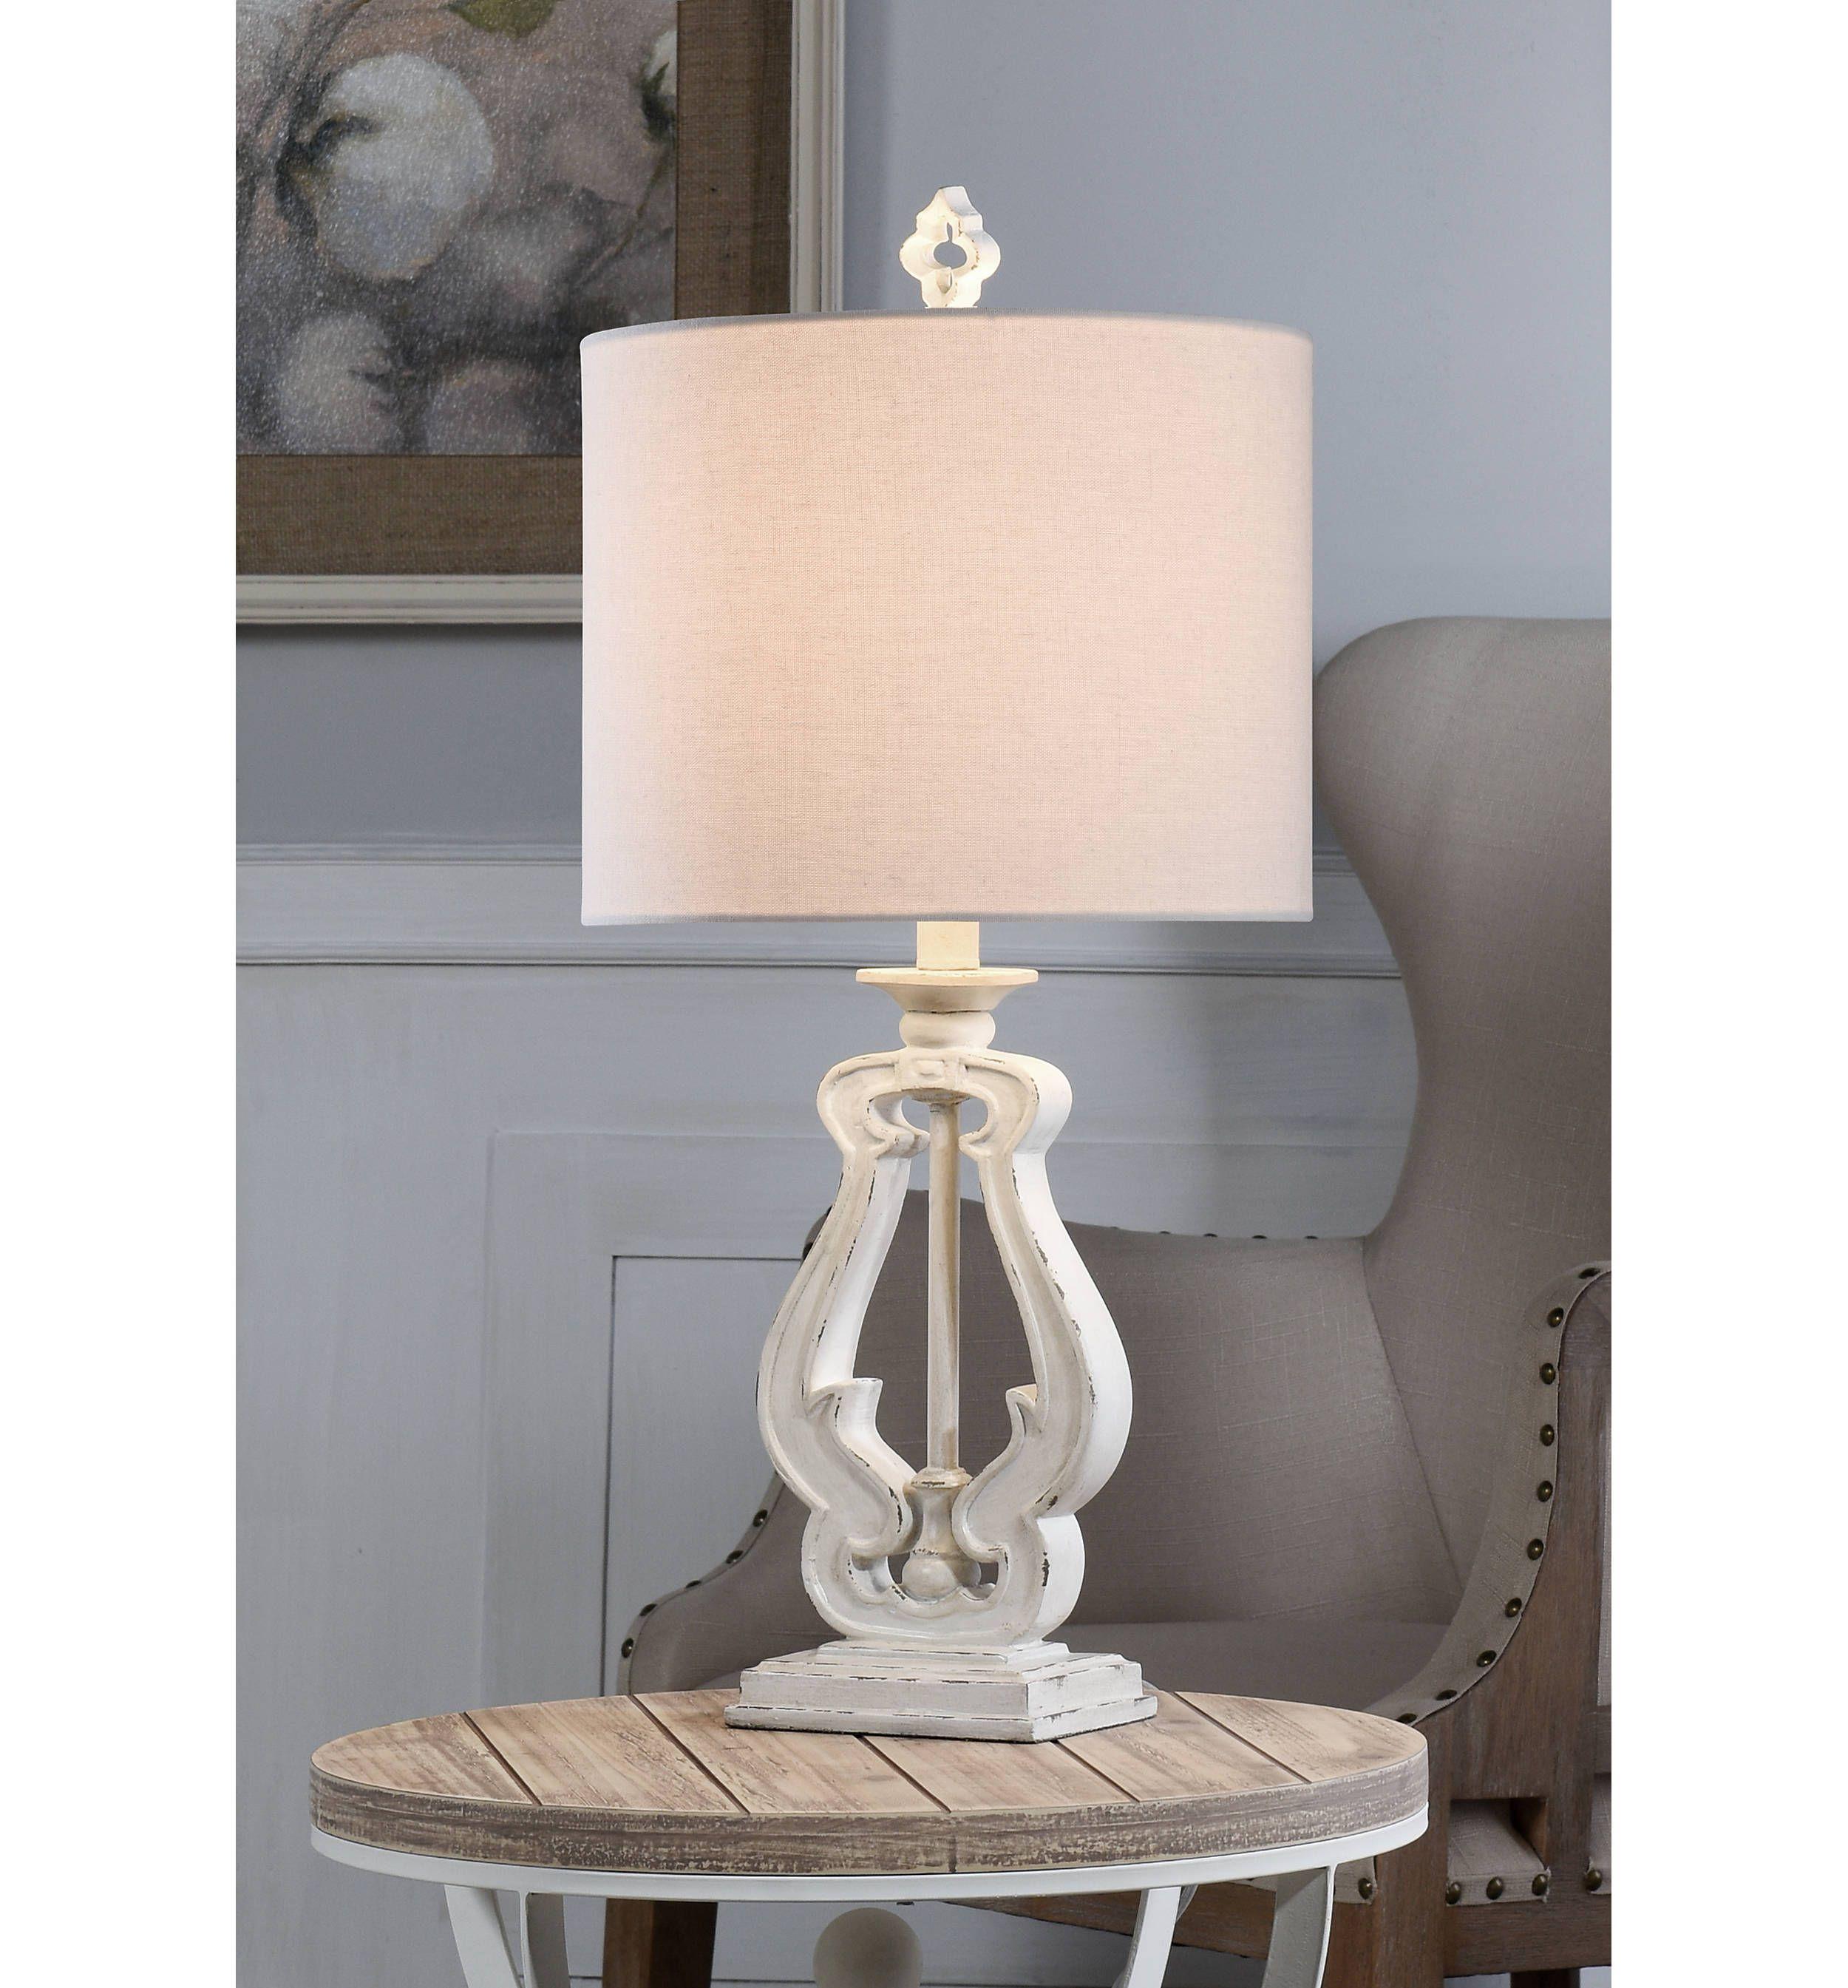 Distressed white french farmhouse table lamp farmhouse